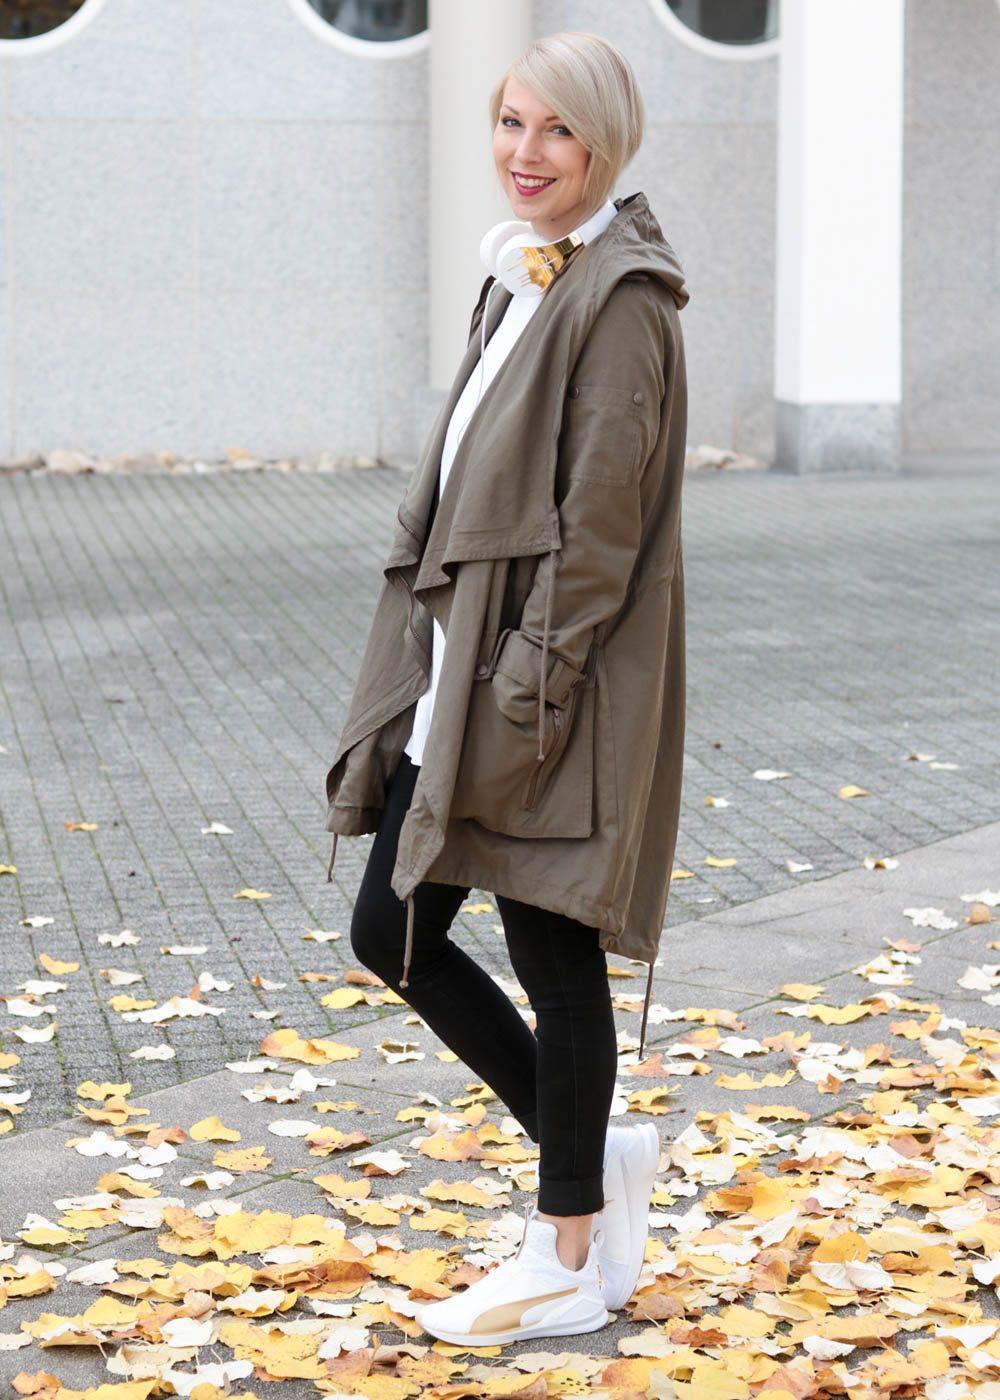 outfit-puma-fierce-weiss-gold-parka-asos-ck-kopfhoerer-5